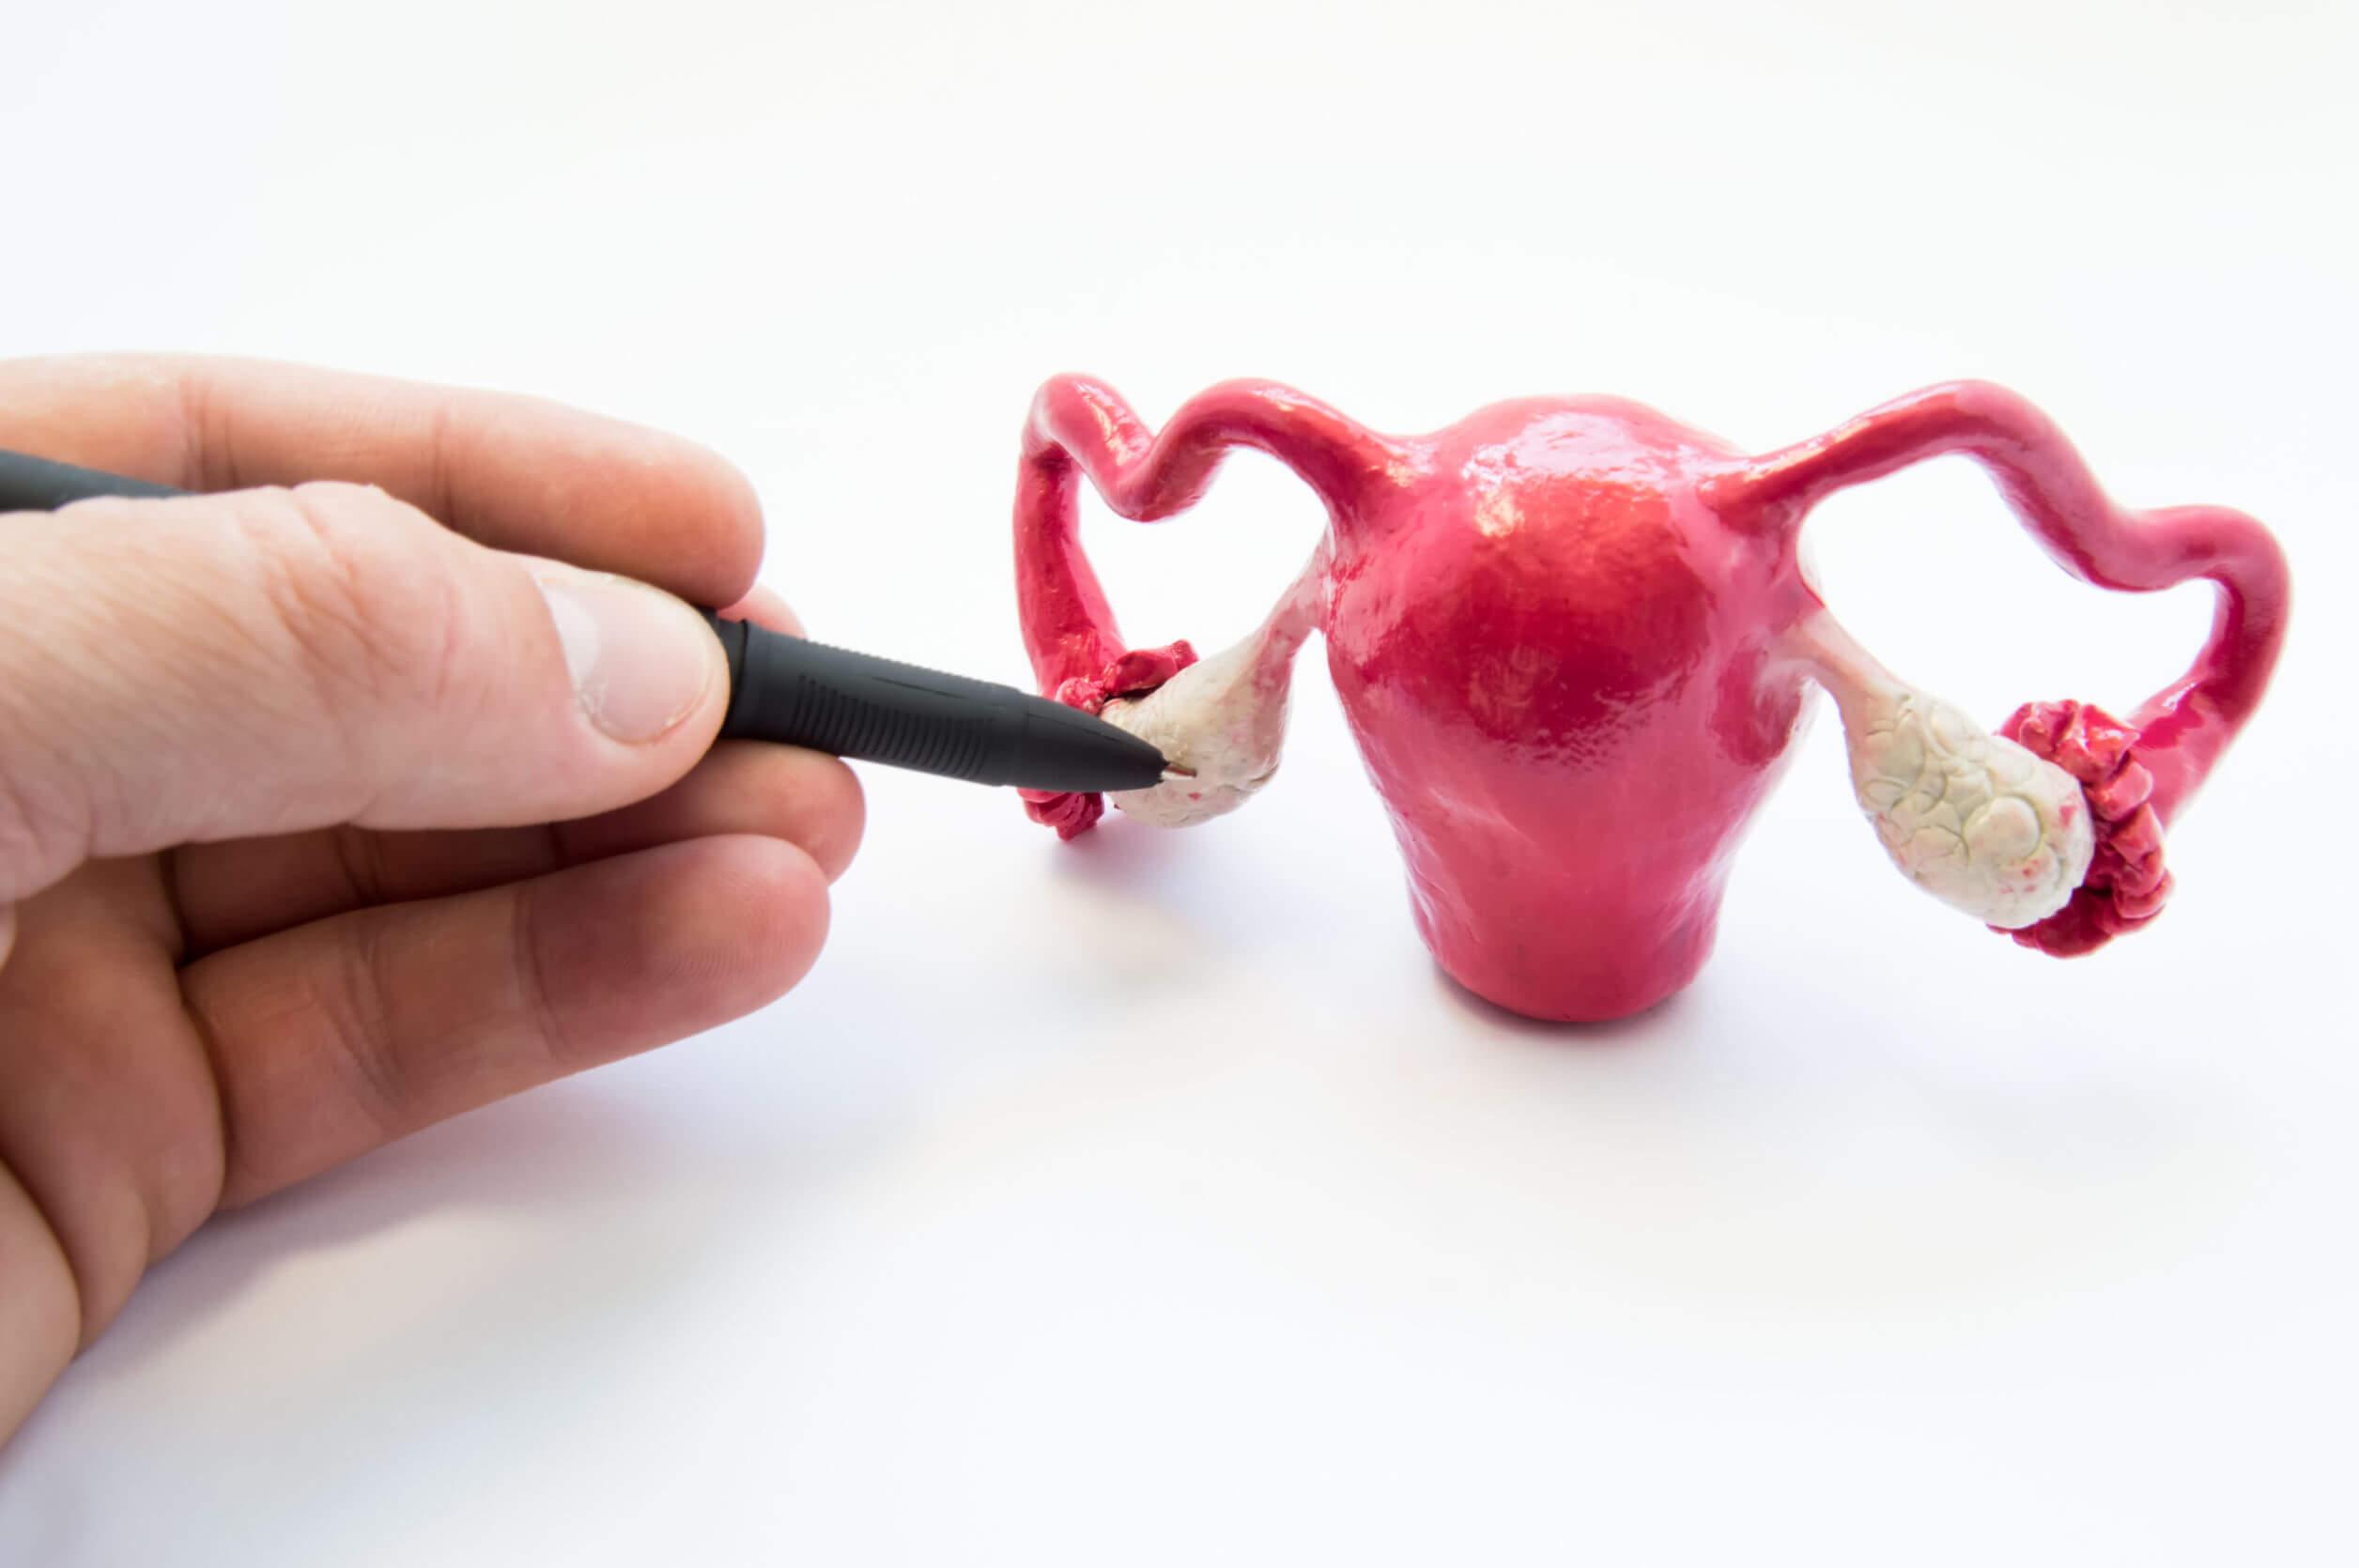 Los ovarios poliquísticos pueden disminuir la calidad de vida.